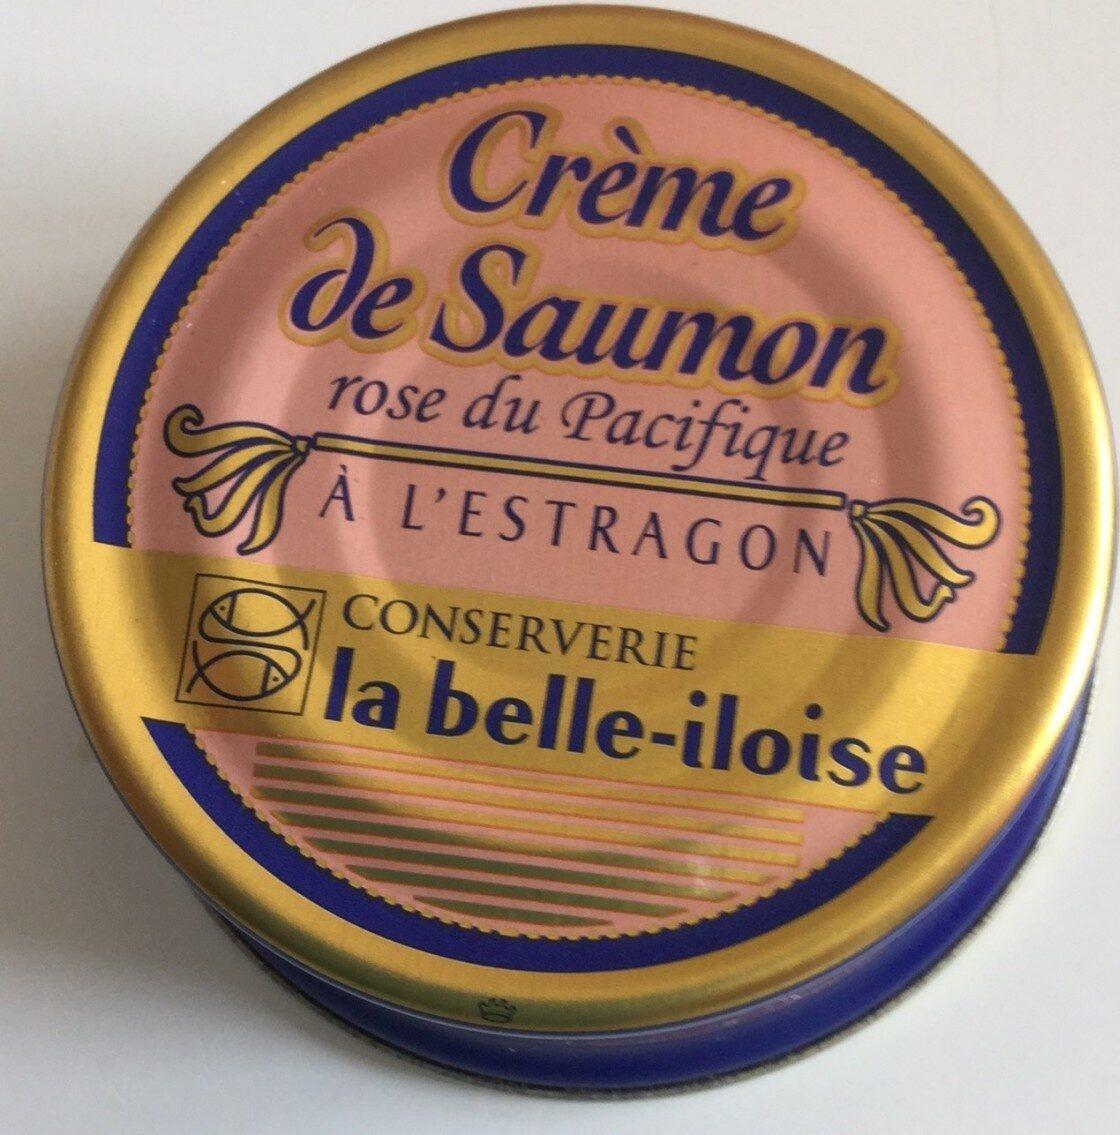 Crème de Saumon rose du Pacifique  à l'estragon - Product